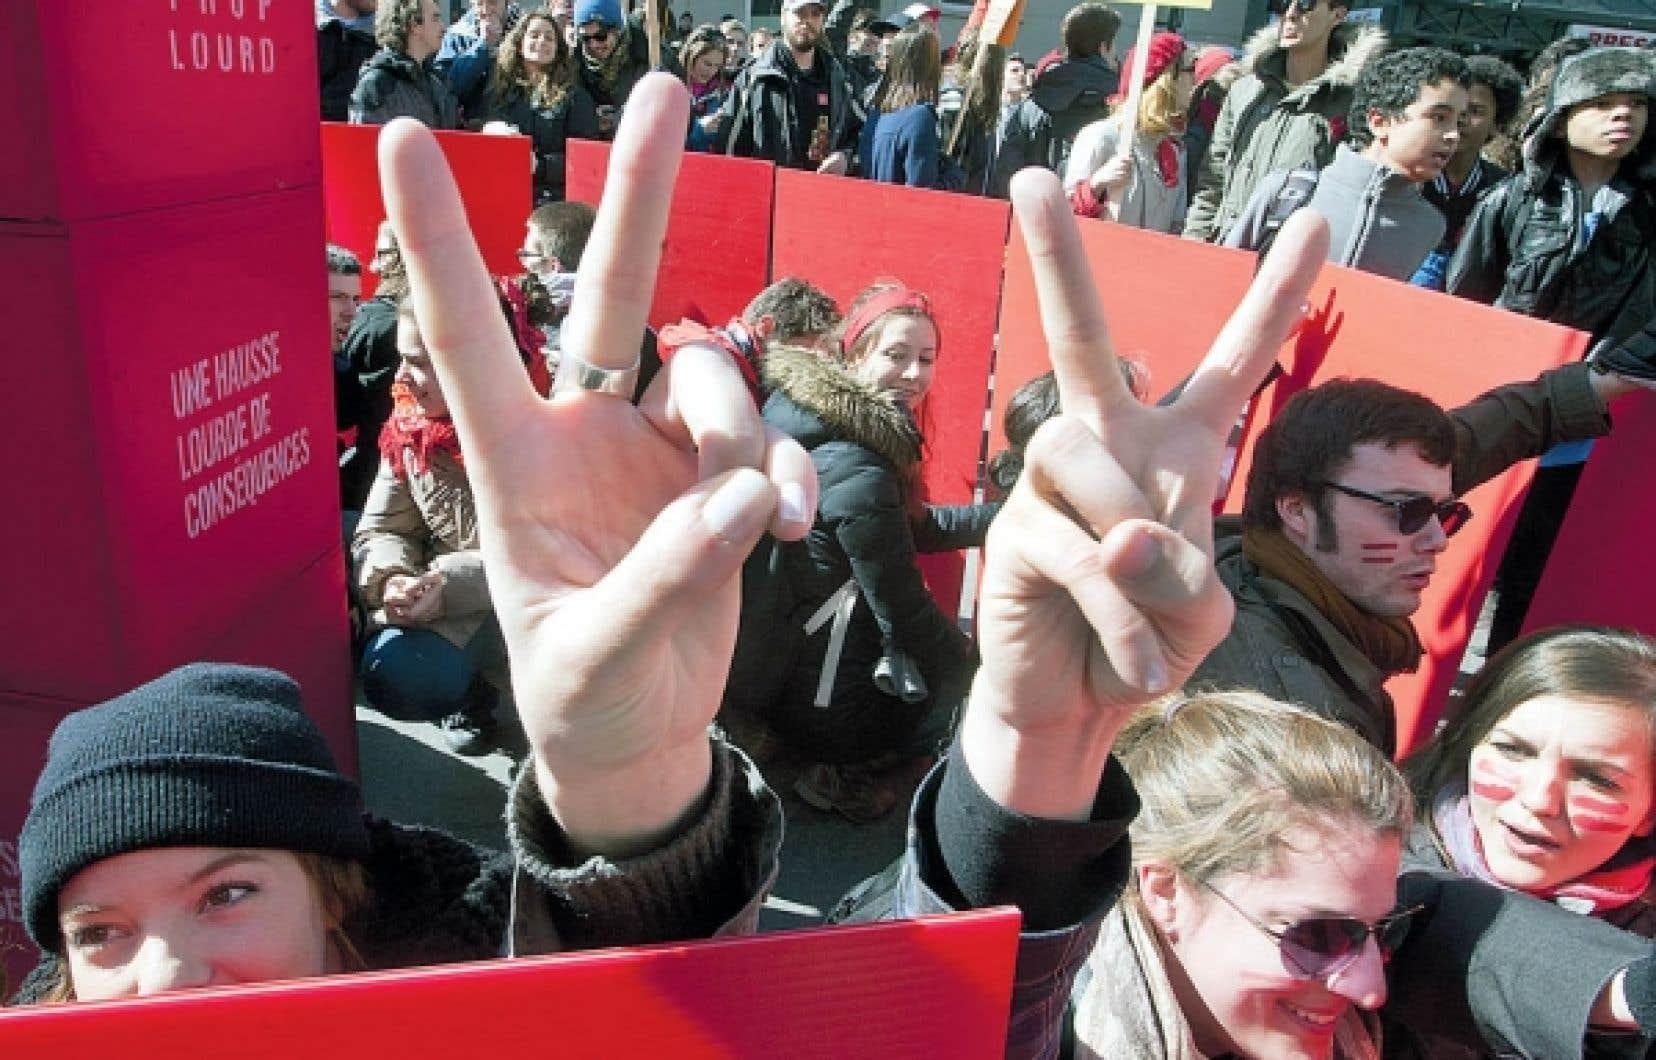 Après plusieurs semaines de grève marquées par de nombreuses manifestations, les fédérations étudiantes se sont assises avec le gouvernement pour trouver une issue au conflit.